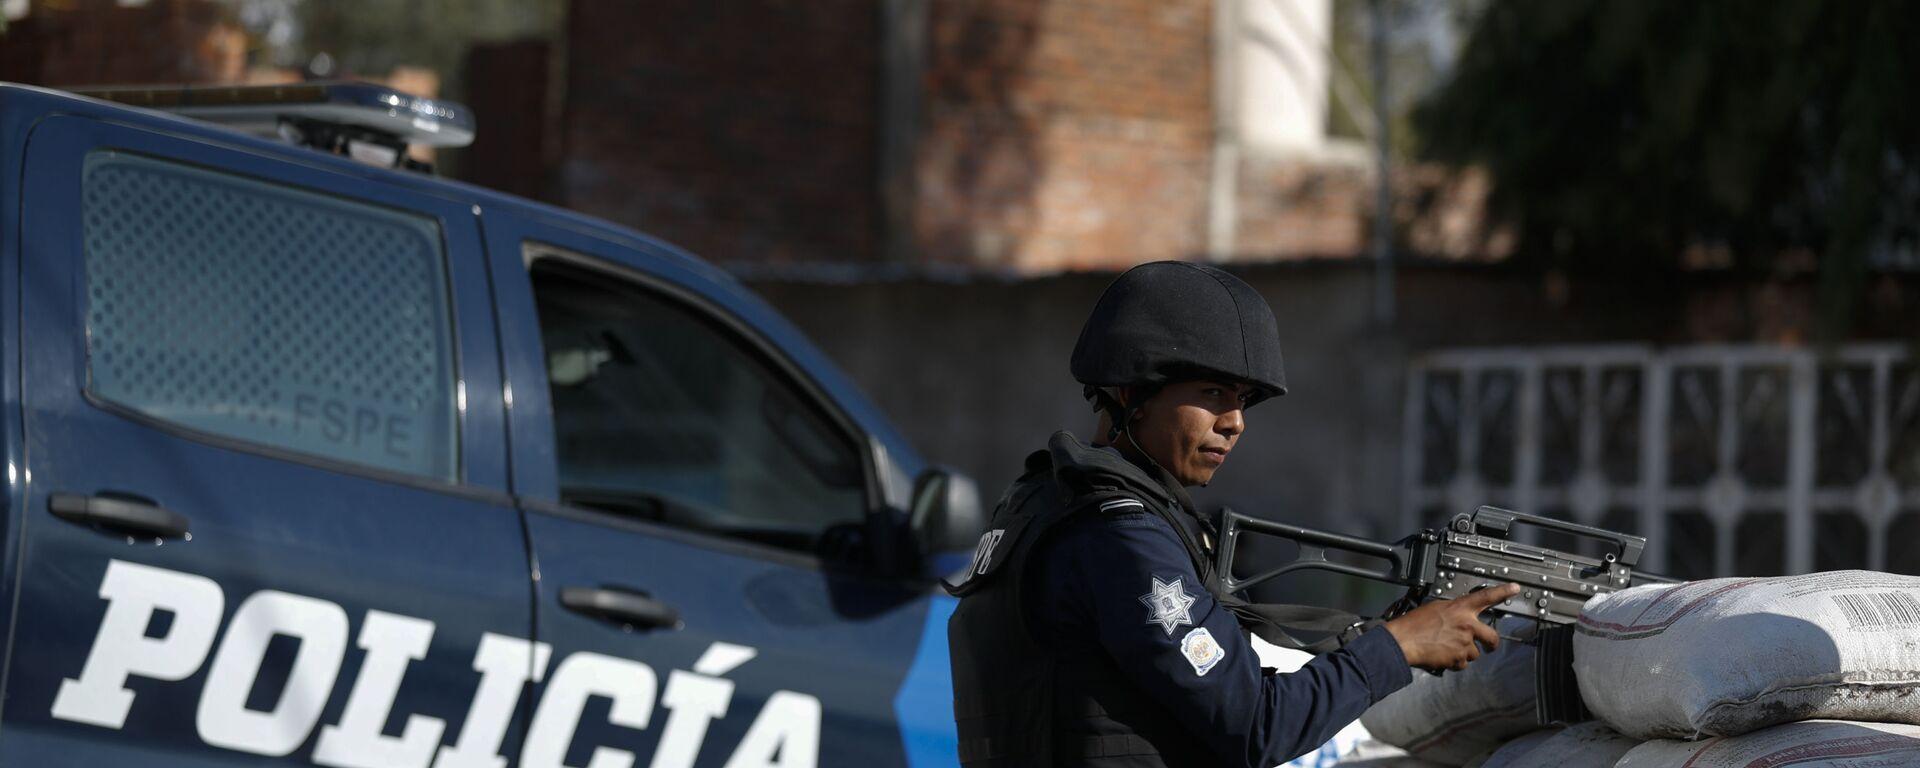 Un policía mexicano está de guardia detrás de un parapeto de sacos con arena en México - Sputnik Mundo, 1920, 23.06.2021